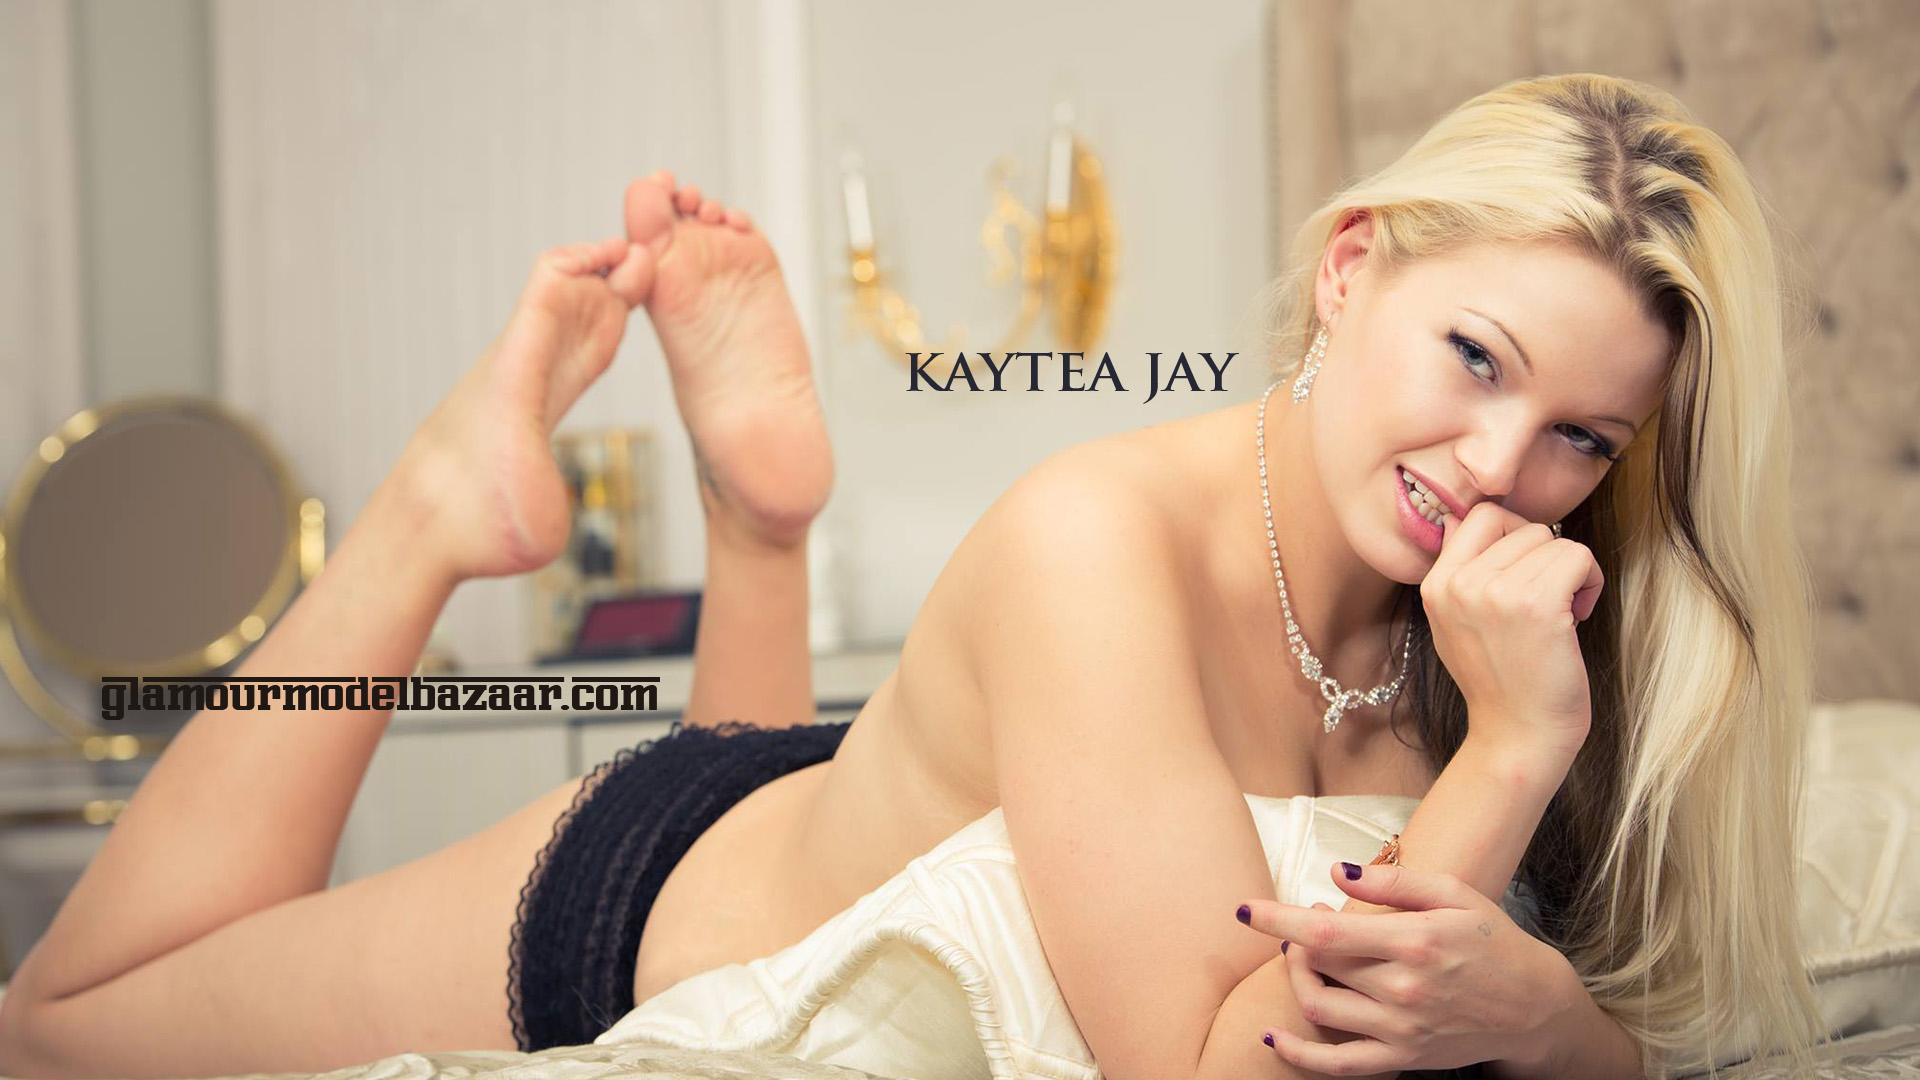 Kaytea Jay